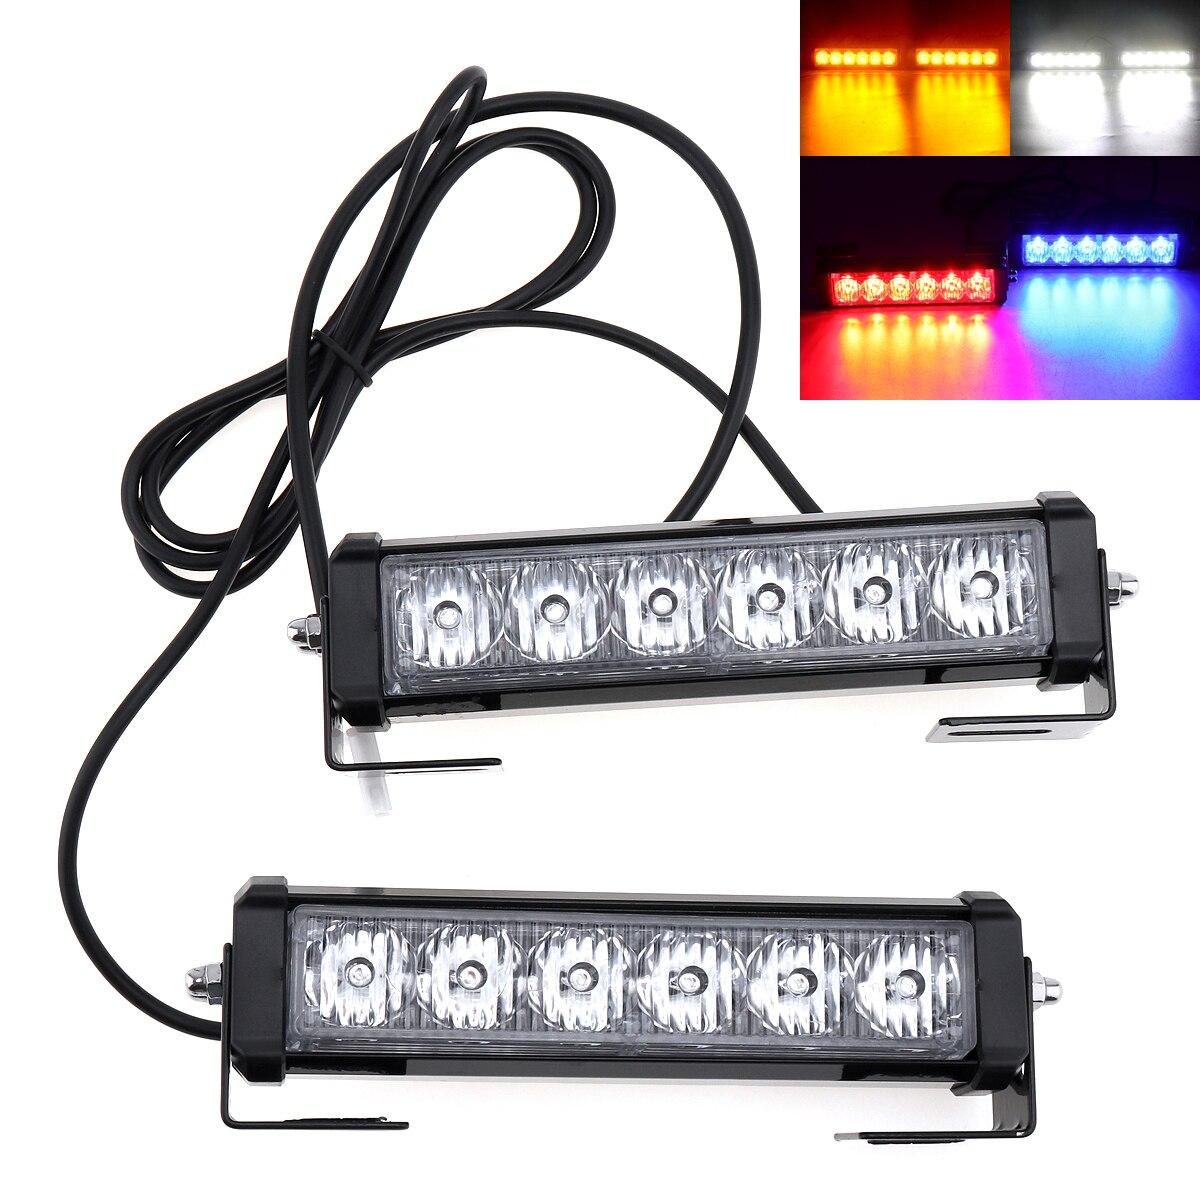 36W 12V Strobe Car Warning Light LED Daytime Running Police Emergency Light for Truck Motorcycle / Car